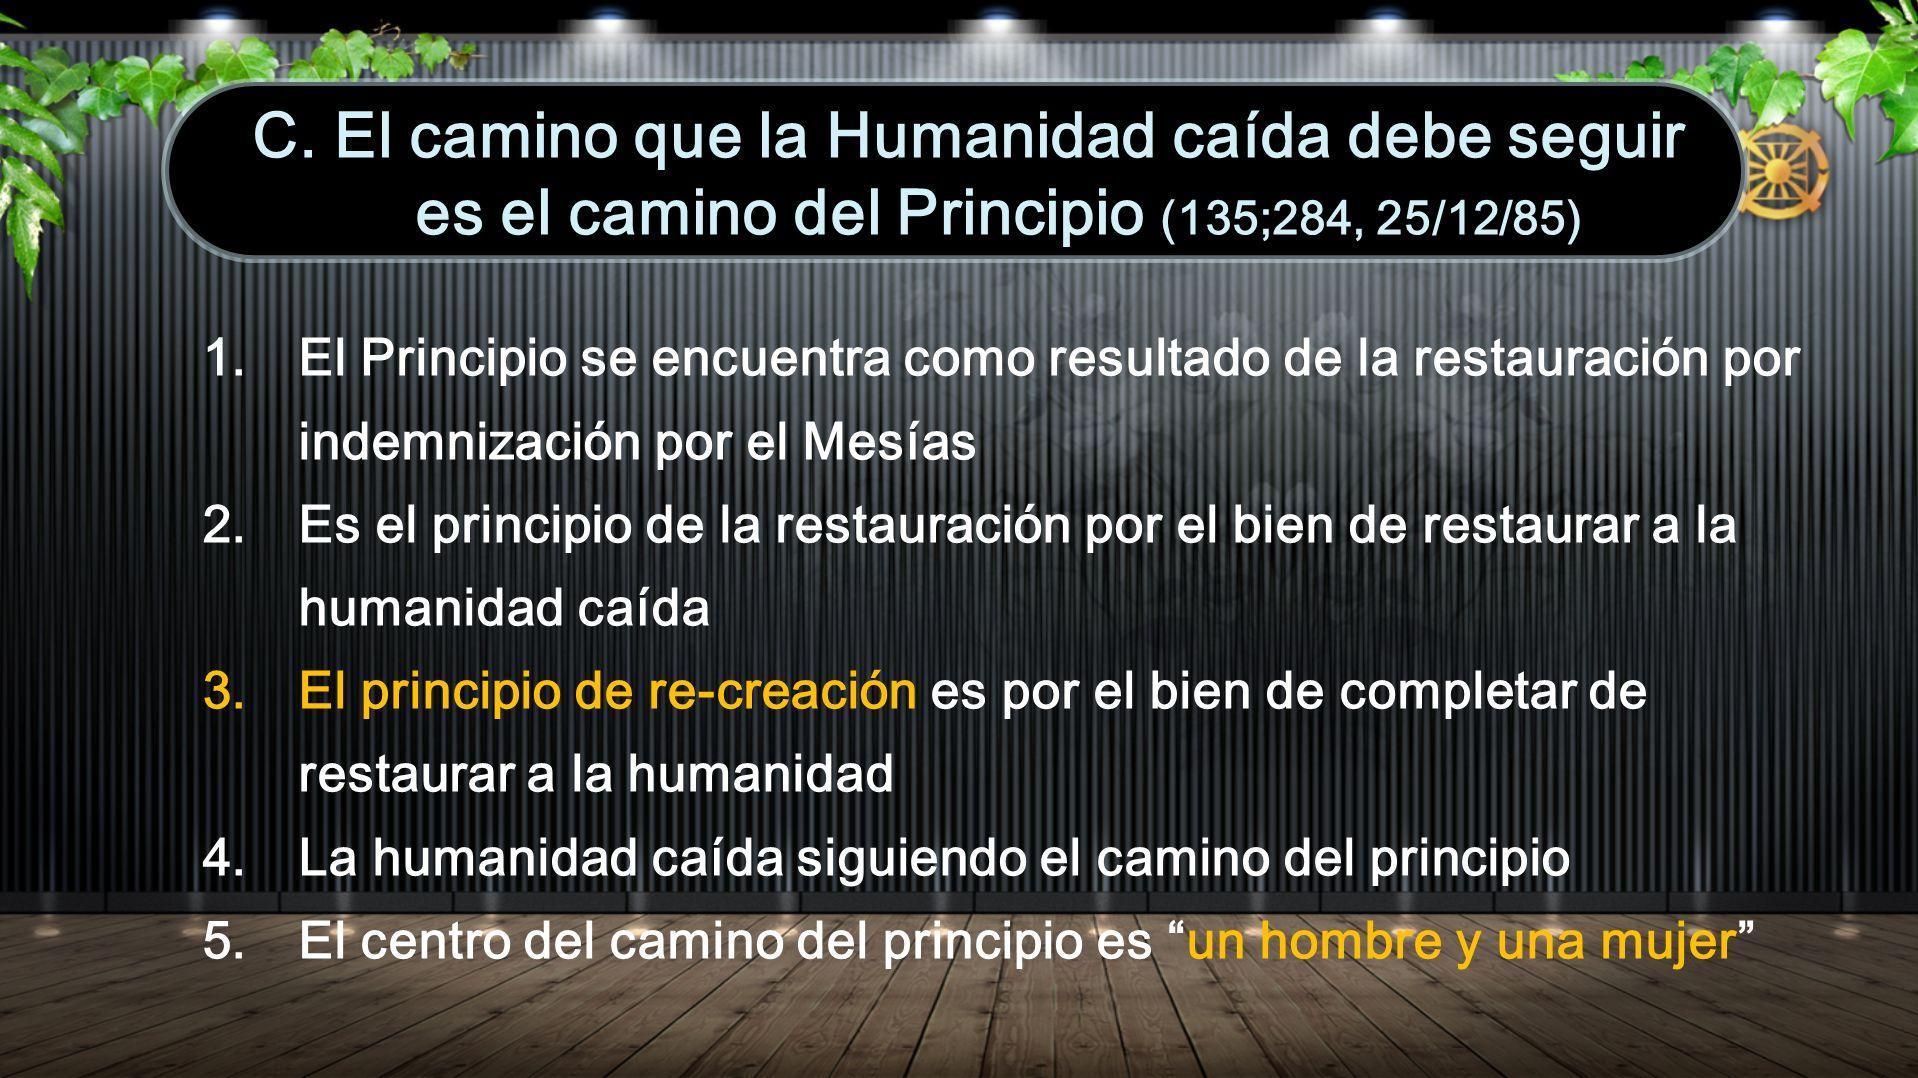 C. El camino que la Humanidad caída debe seguir es el camino del Principio (135;284, 25/12/85)